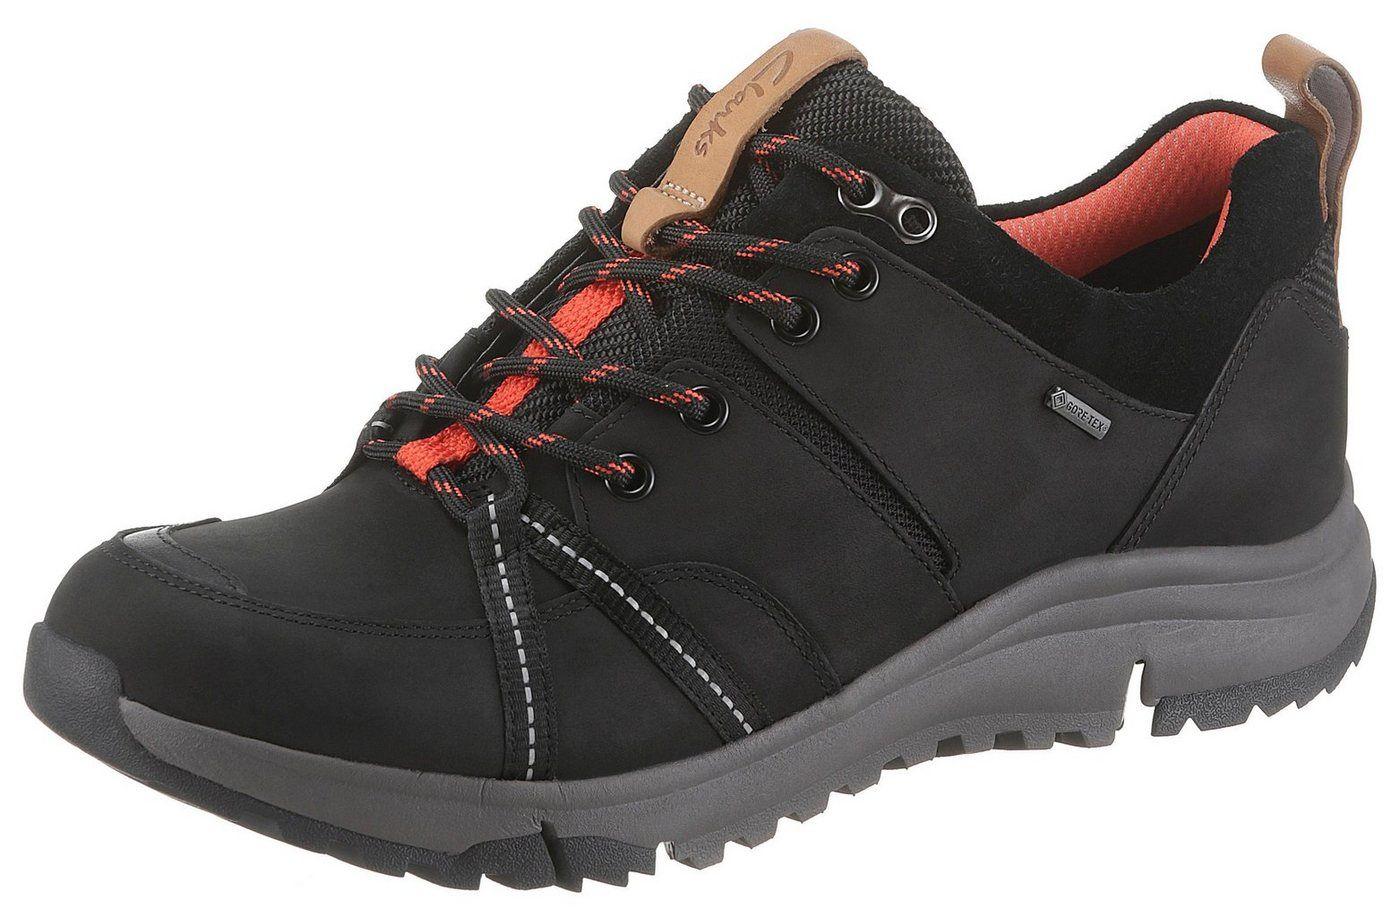 OTTO #CLARKS #Schuhe #Damen #Clarks #TRI #TREK #GTX